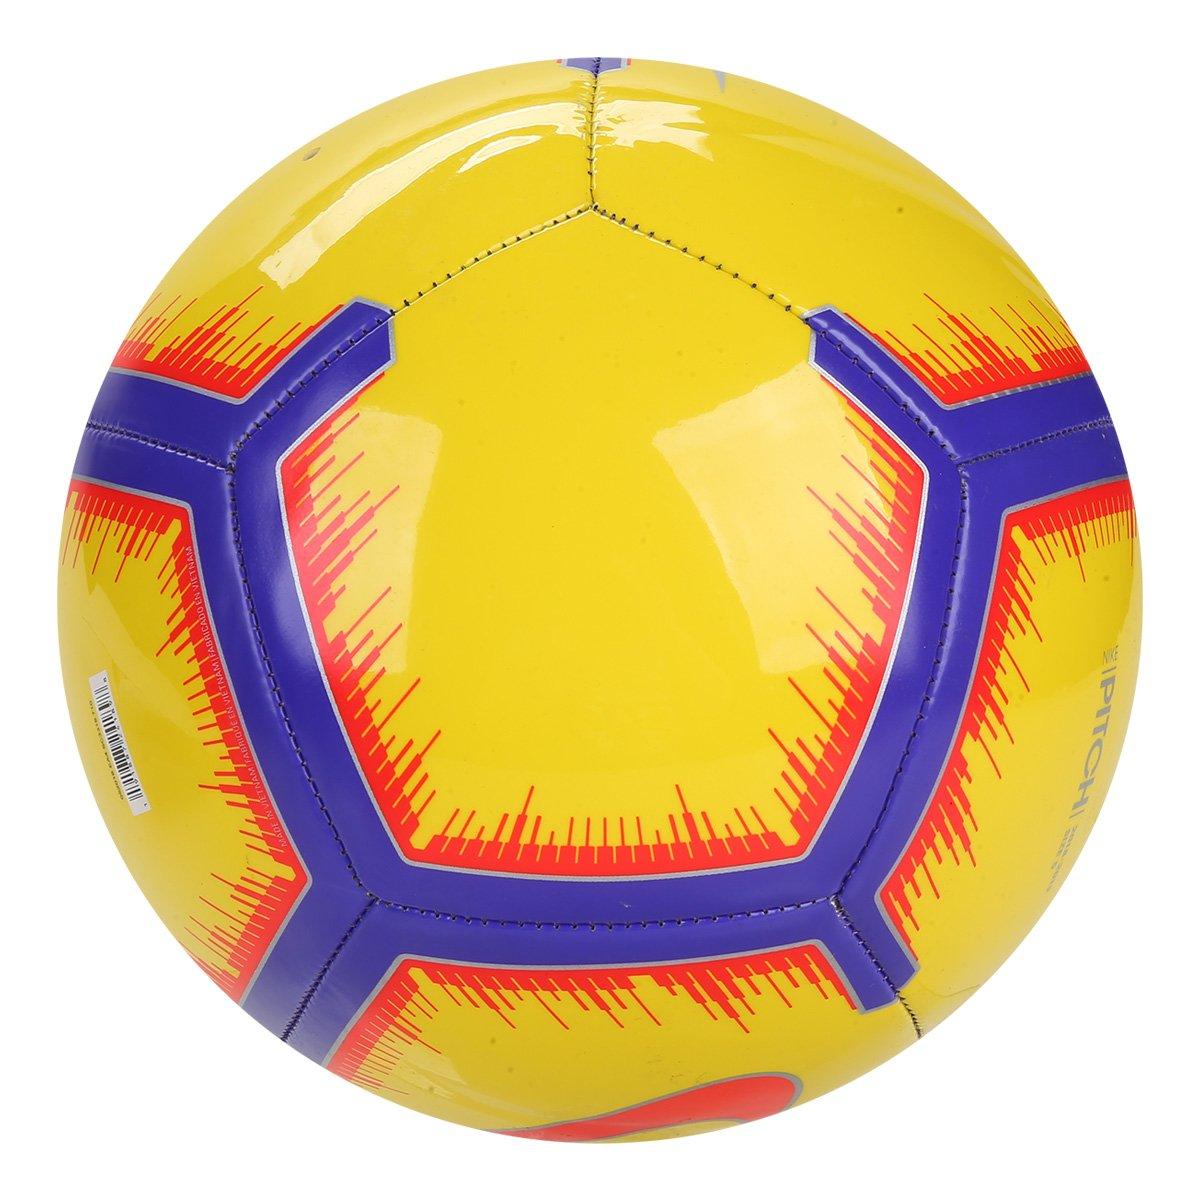 ee934bbaf0 Bola de Futebol Campo Nike La Liga Pitch - Amarelo - Compre Agora ...